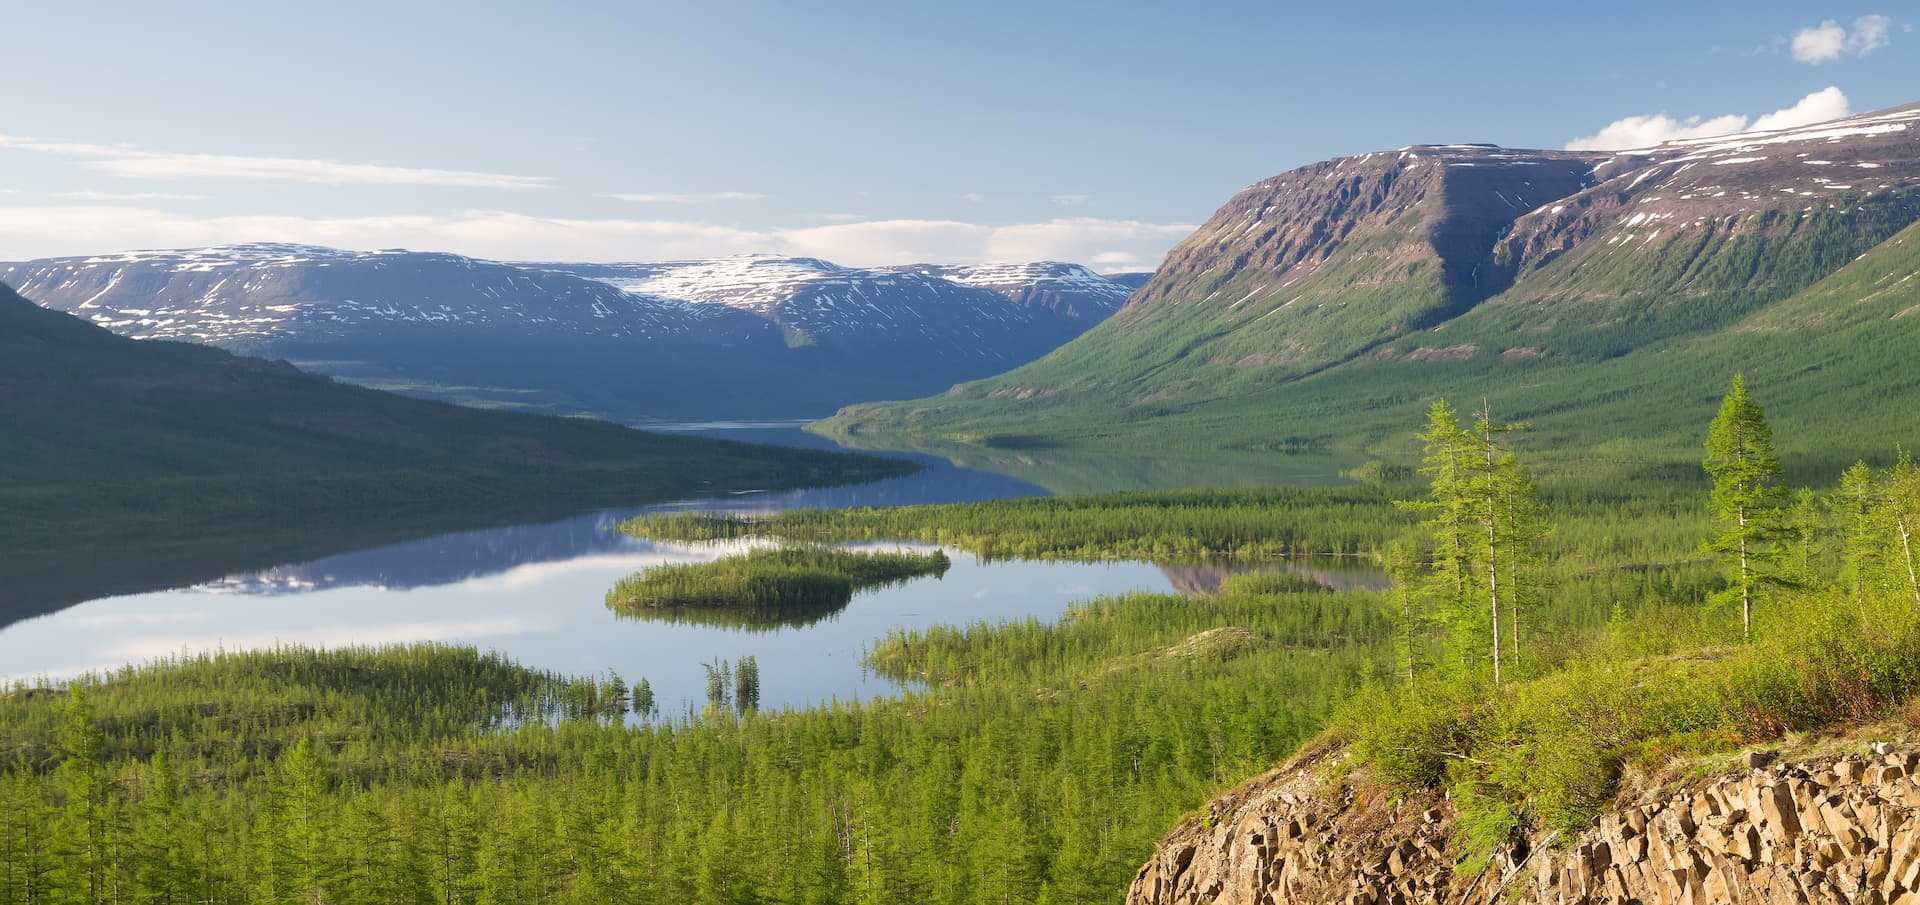 Tunguska Inferioară - locul 8 cele mai lungi fluvii din Asia